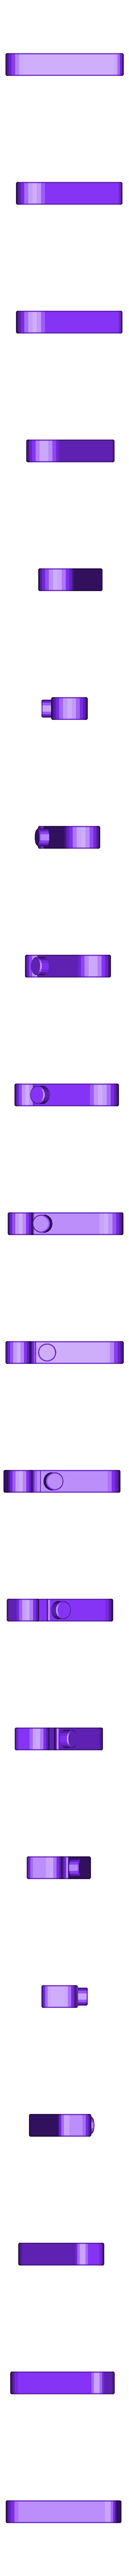 Key_Belt_holder4.STL Download STL file Glowing Wearable Rupee, LED Light up BOTW Zelda Link Lit Prop Gem for Costume, Cosplay  • 3D printer object, mechengineermike